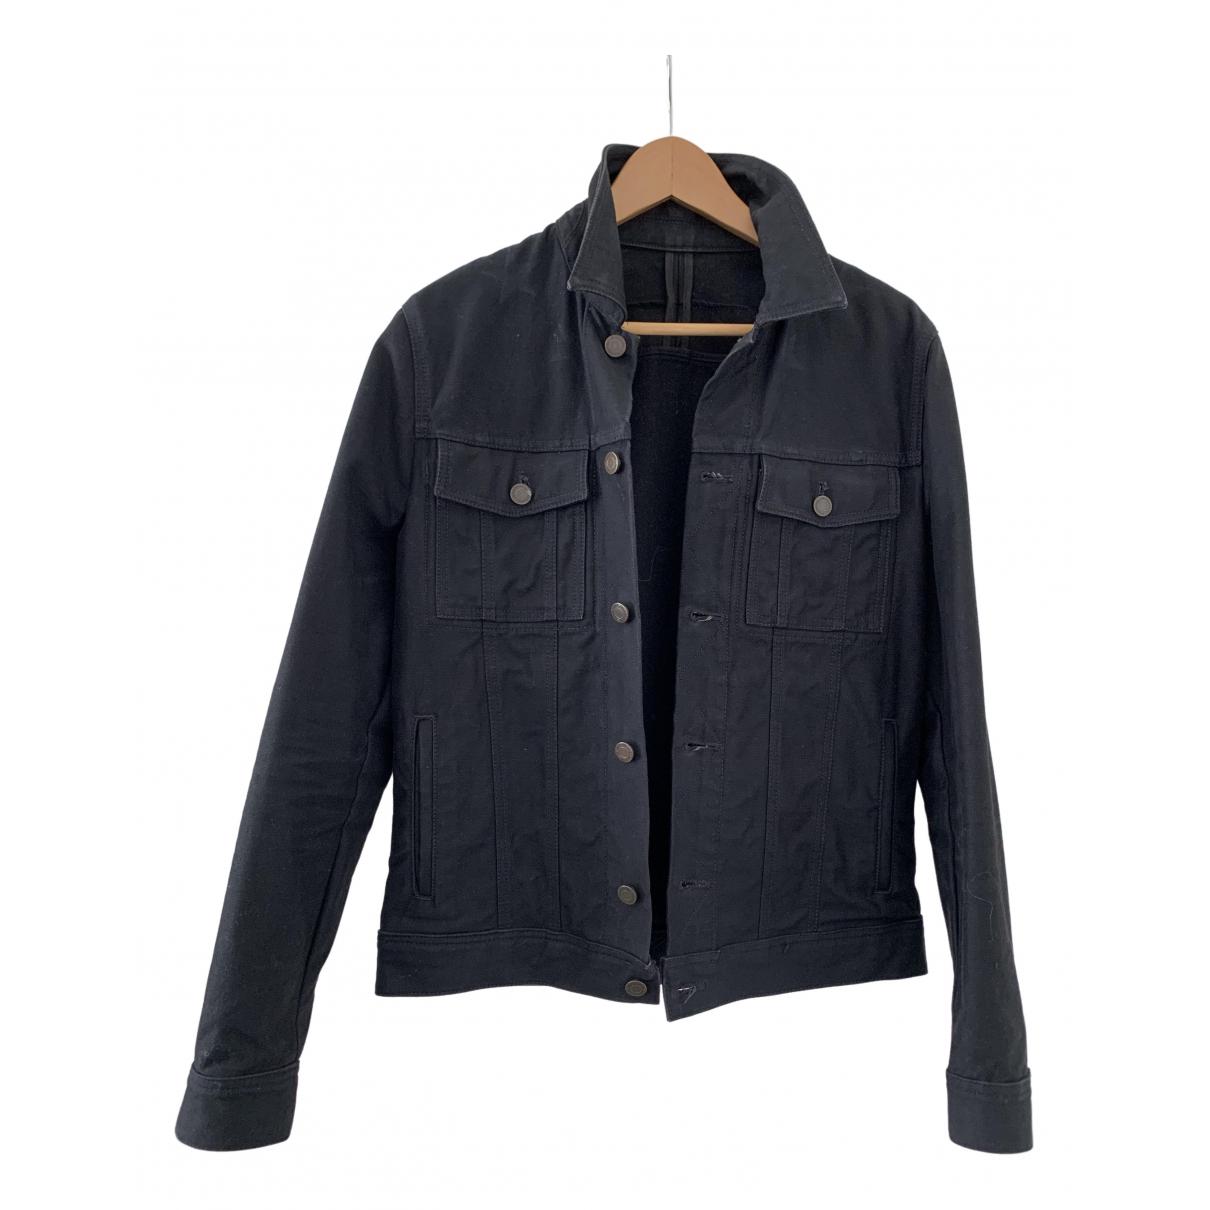 Givenchy \N Black Denim - Jeans jacket  for Men M International